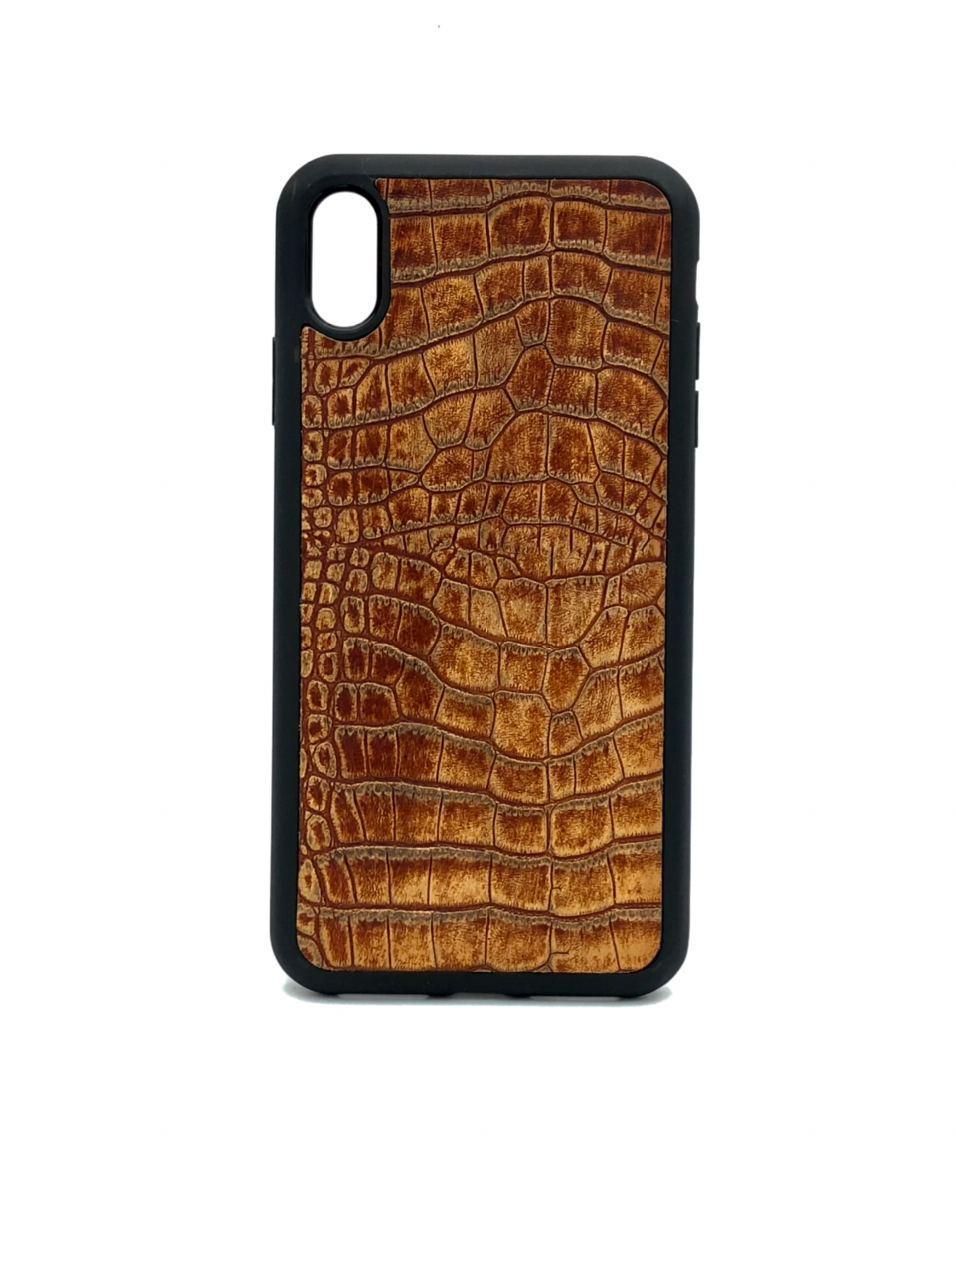 Чехол для iPhone Xr светло-коричневого цвета из Телячьей кожи тиснёной под Крокодила